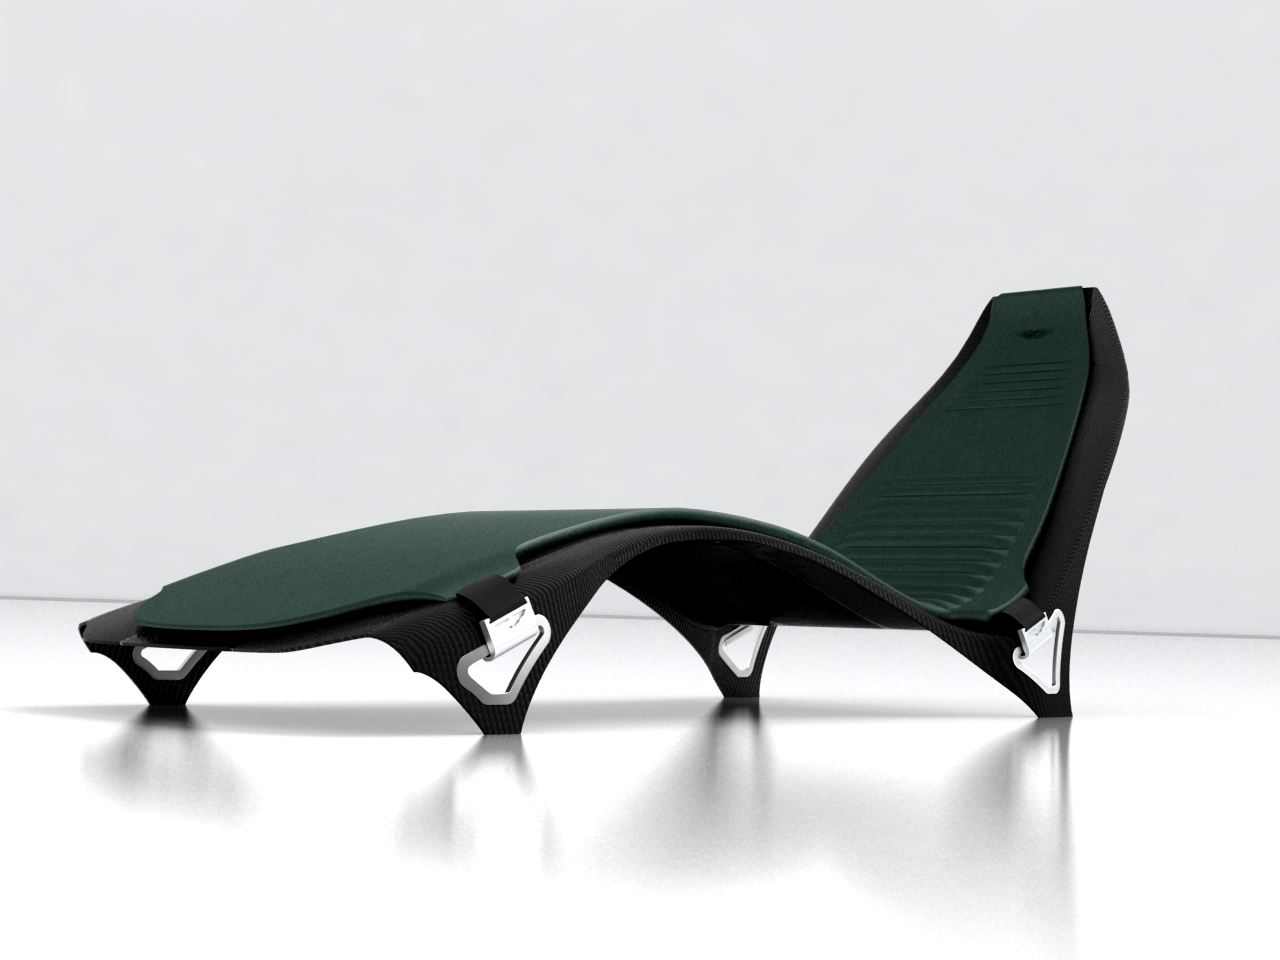 des meubles design inspirés par aston martin - - Meuble Designe